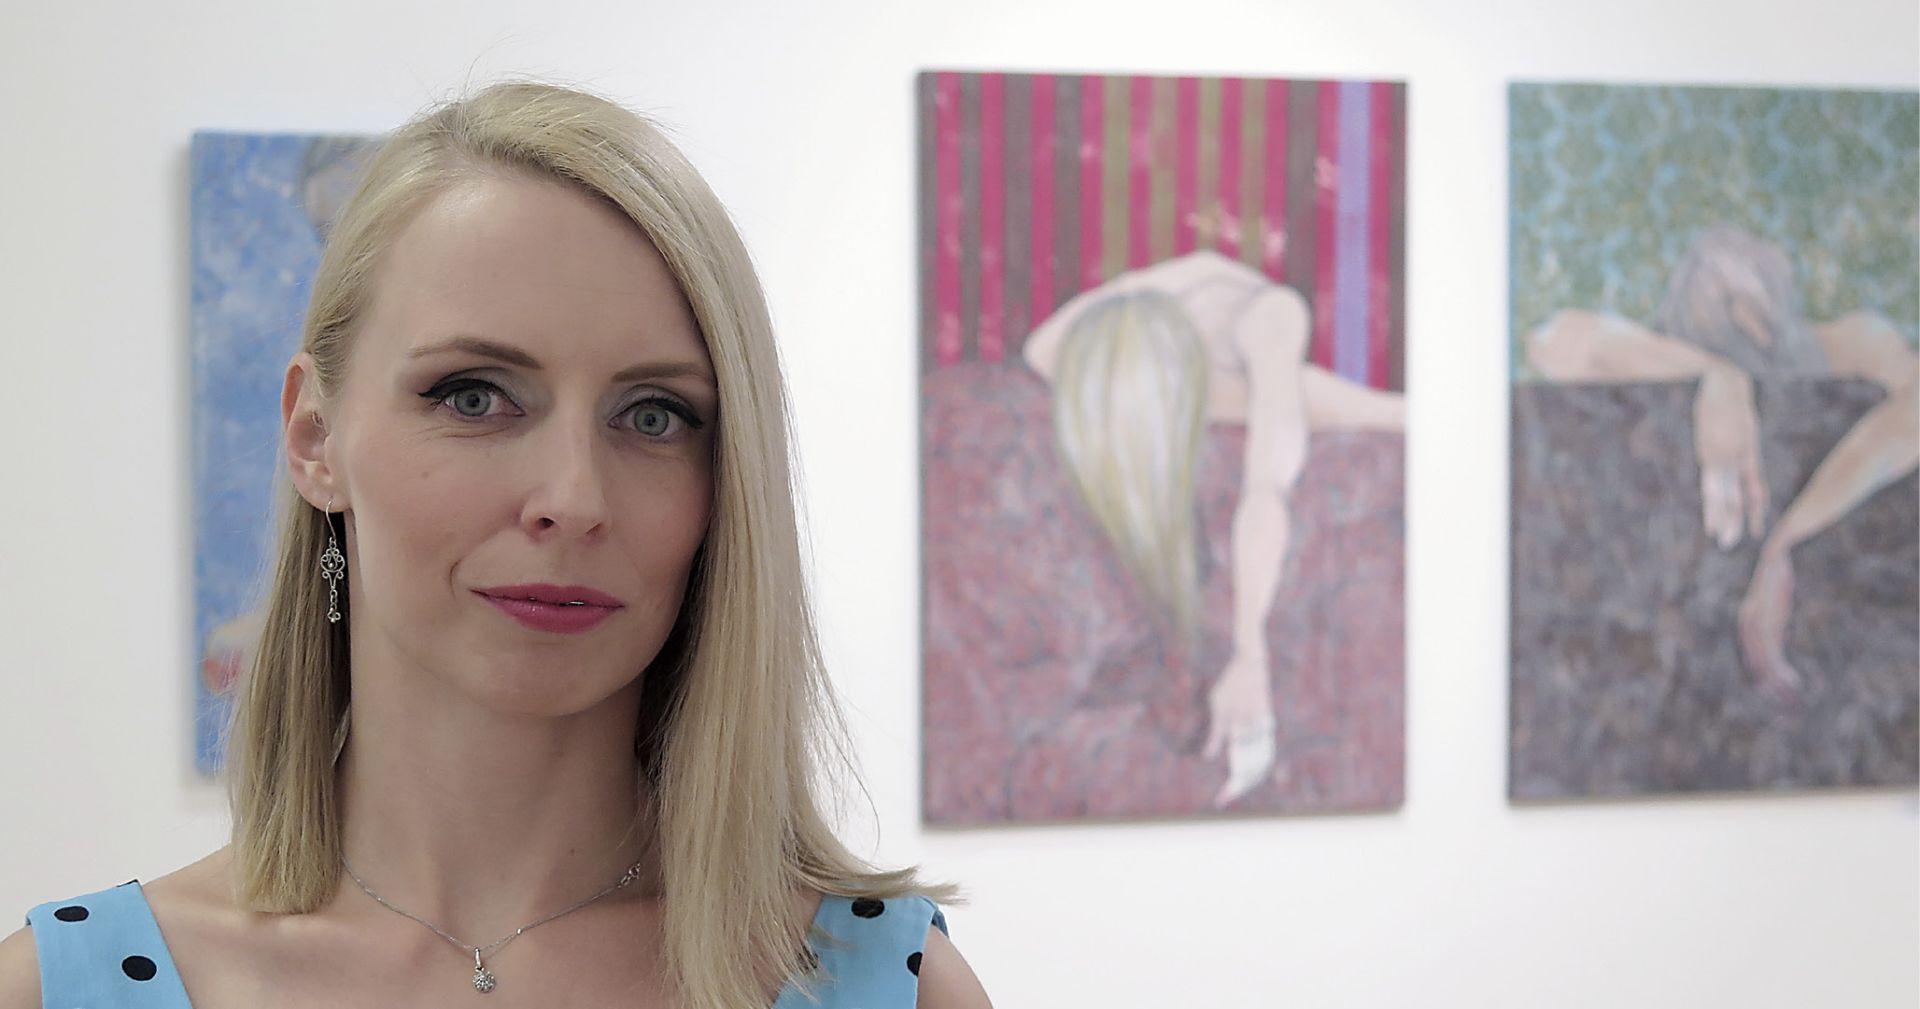 'Autoportret je danas u rukama potrošača s izraženim egocentrizmom'